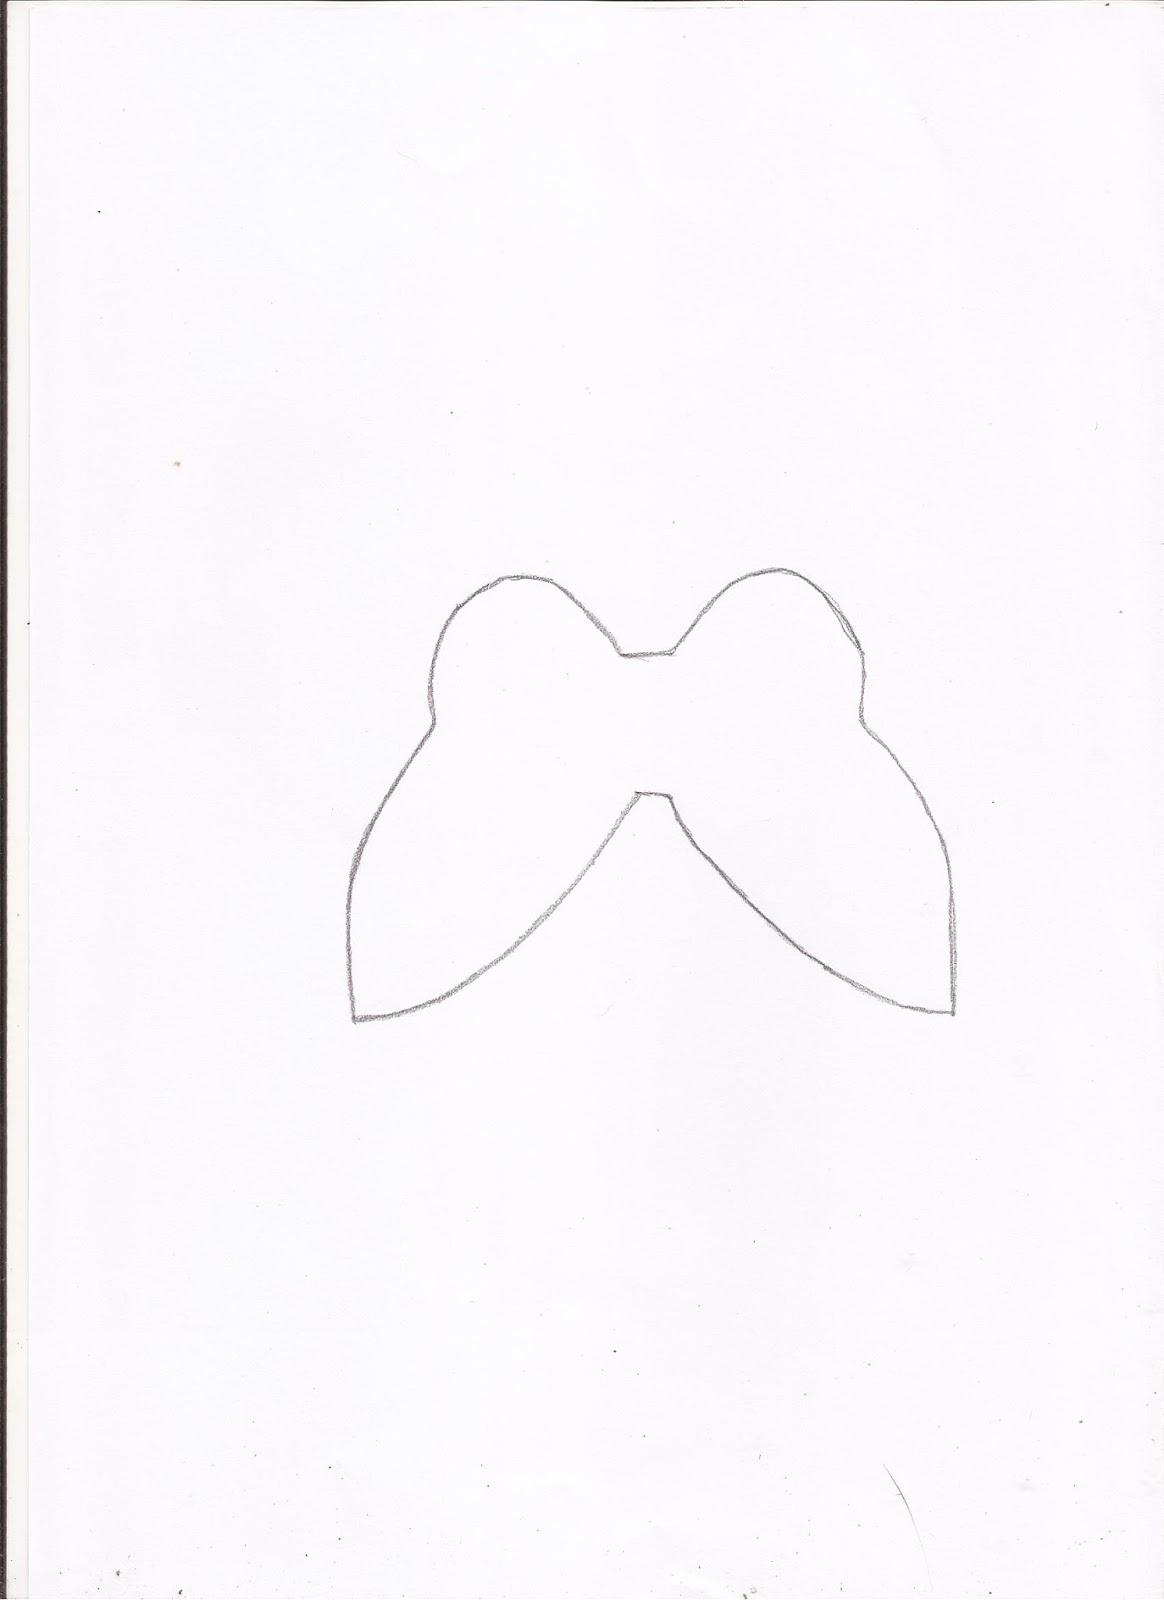 Artesanato Kakau Araujo ~ molde borboleta artesanato kakau araujo